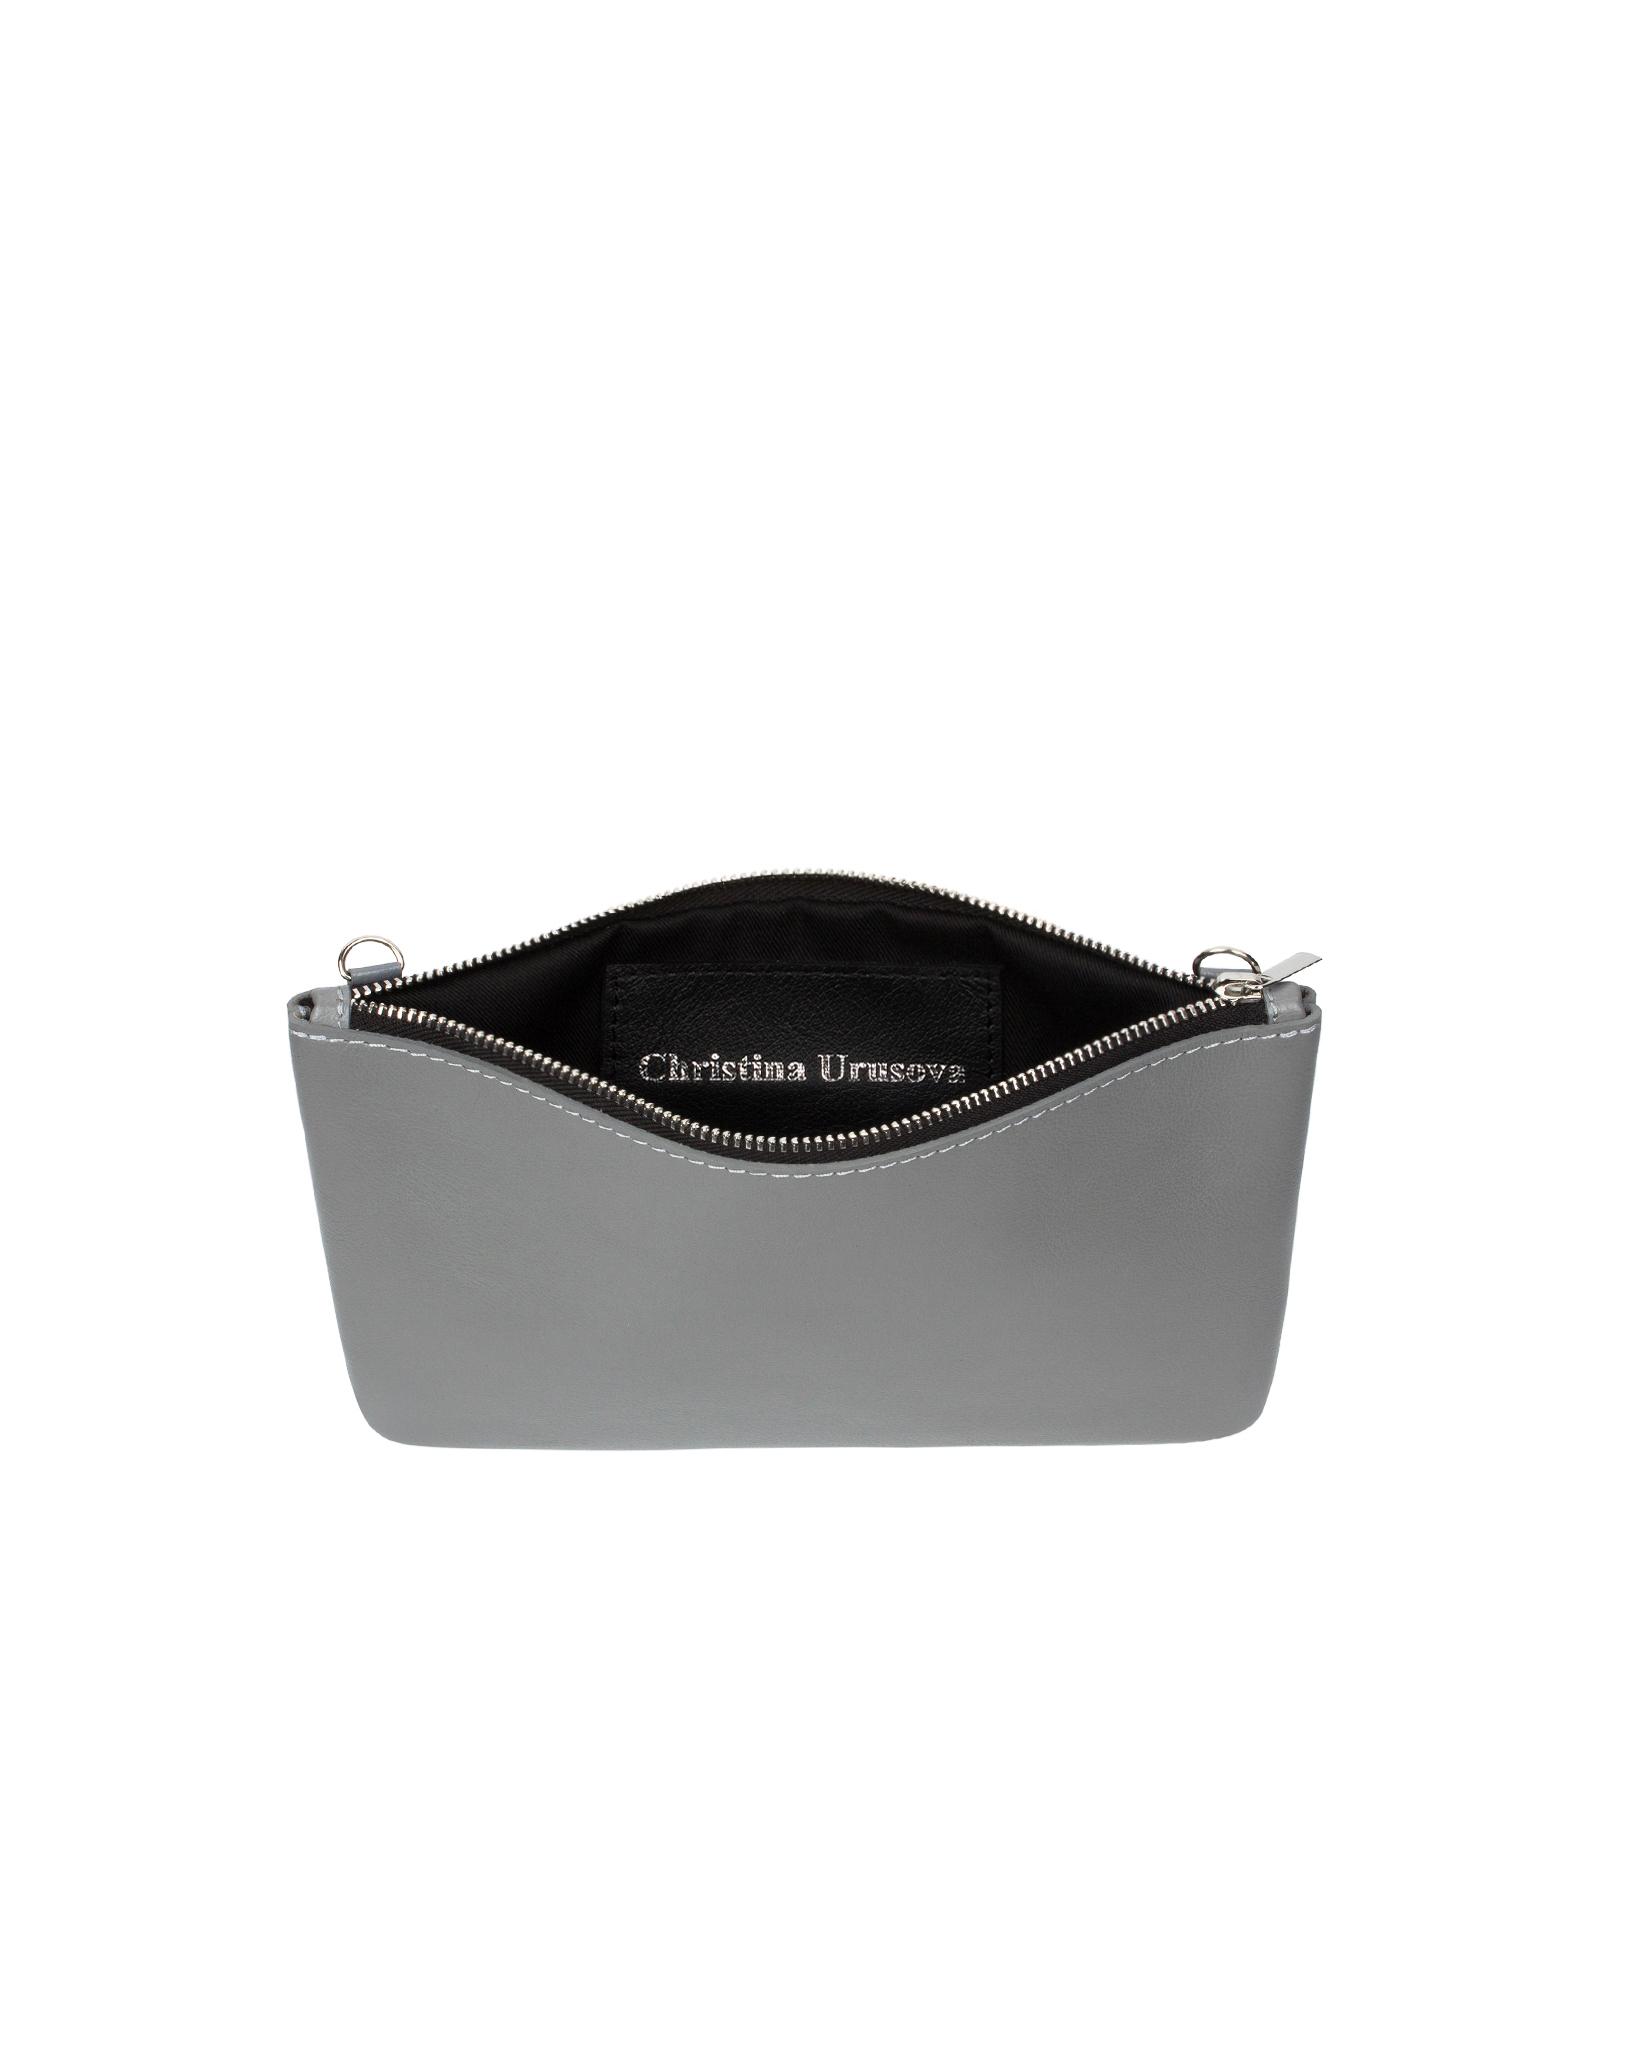 Клатч-косметичка из гладкой кожи нейтрально-серого цвета